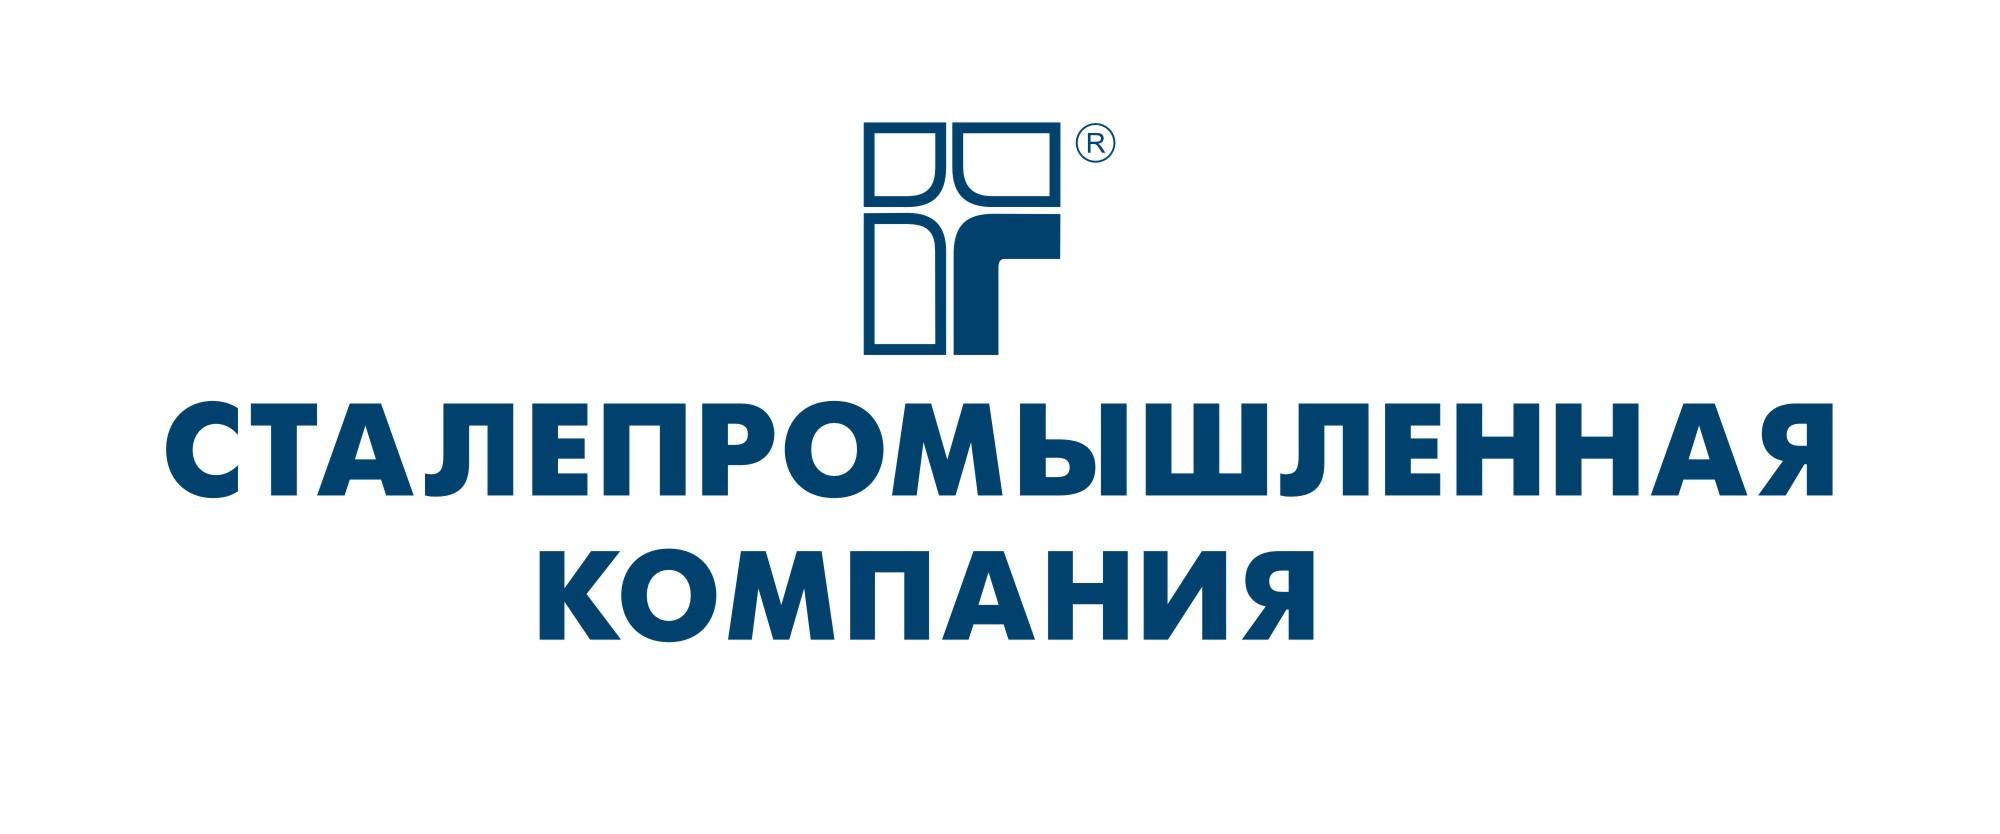 Сталепромышленная компания екатеринбург официальный сайт создание сайта администрации муниципального